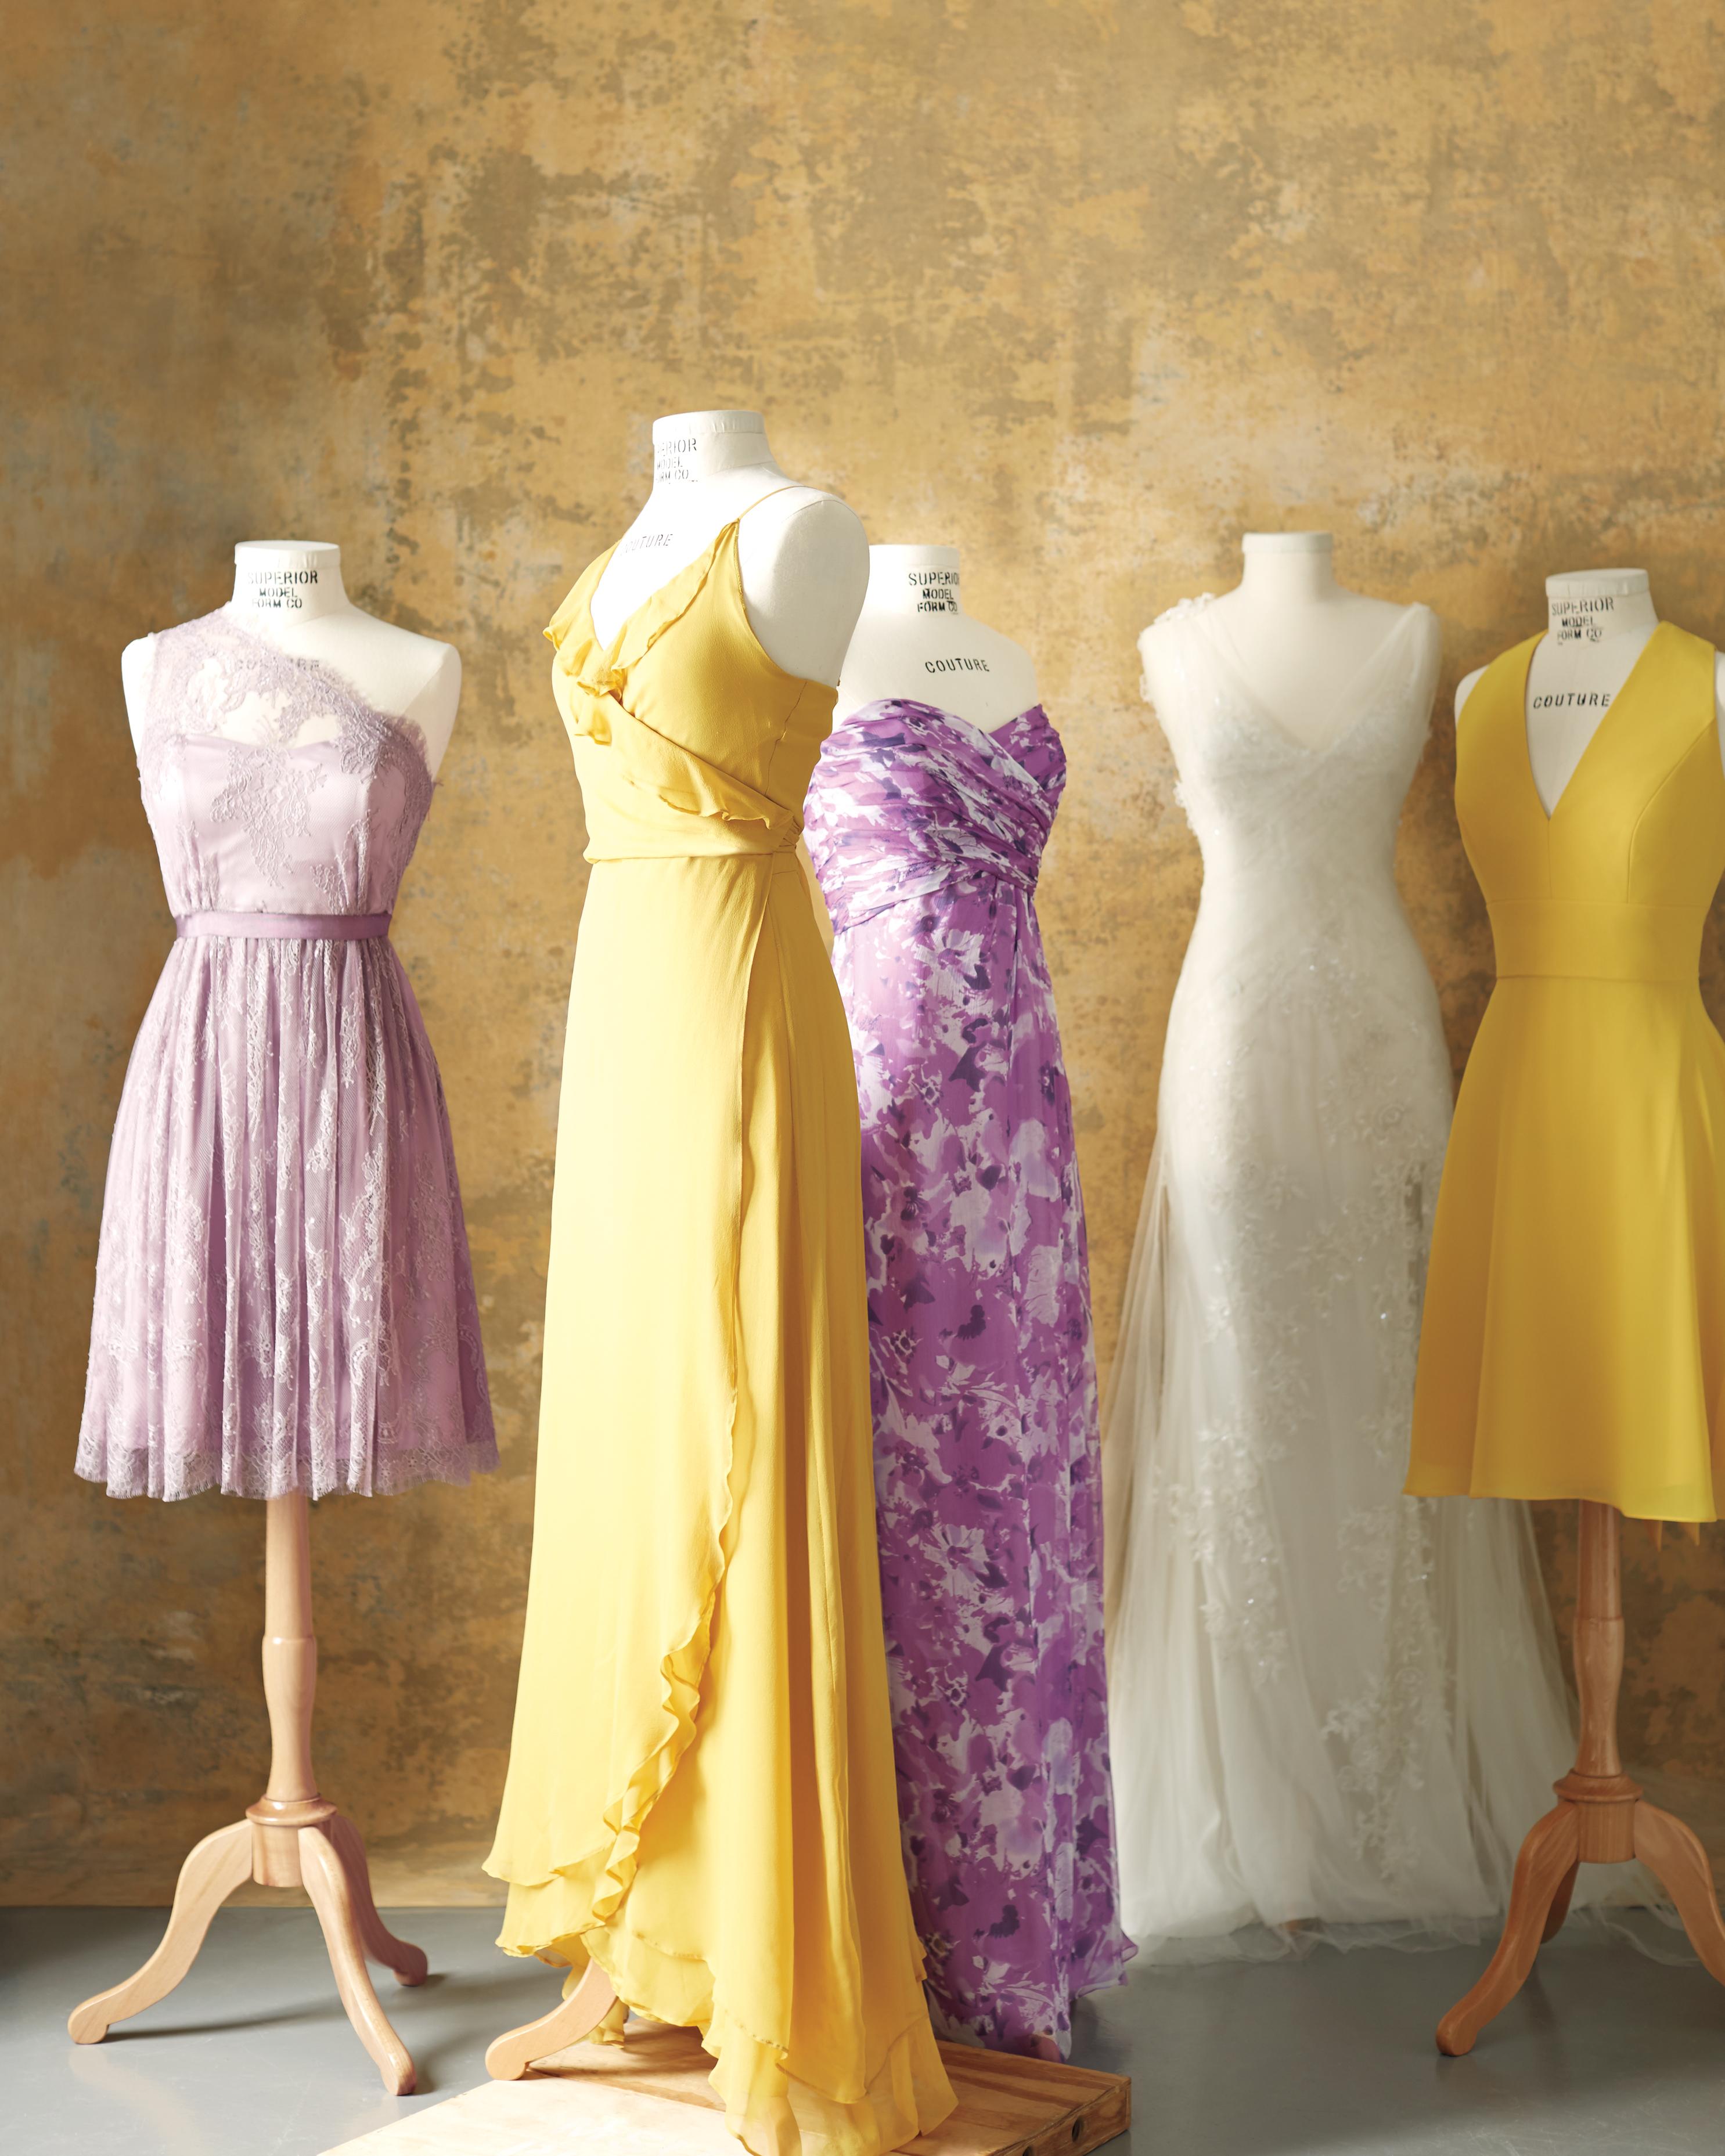 bridesmaids-dresses-053-exp3-shd-mwd110998.jpg